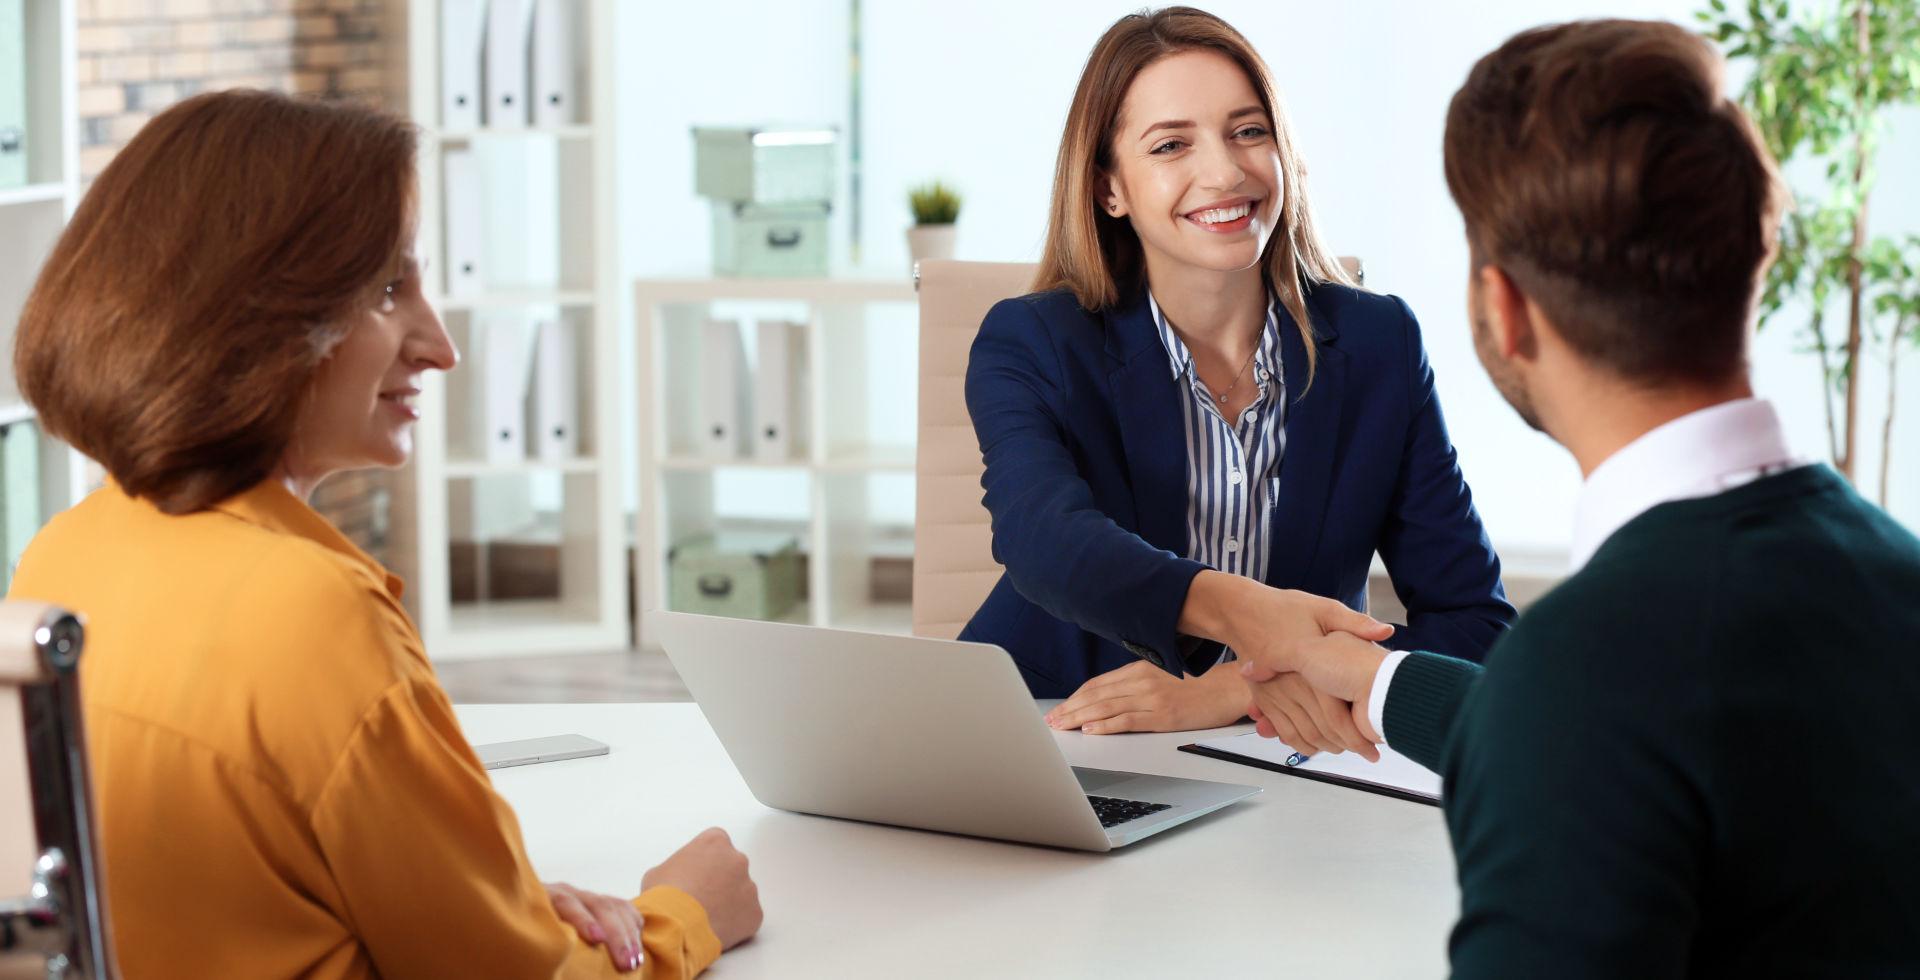 hrg-praca-agencja-posrednictwo-zatrudnienie